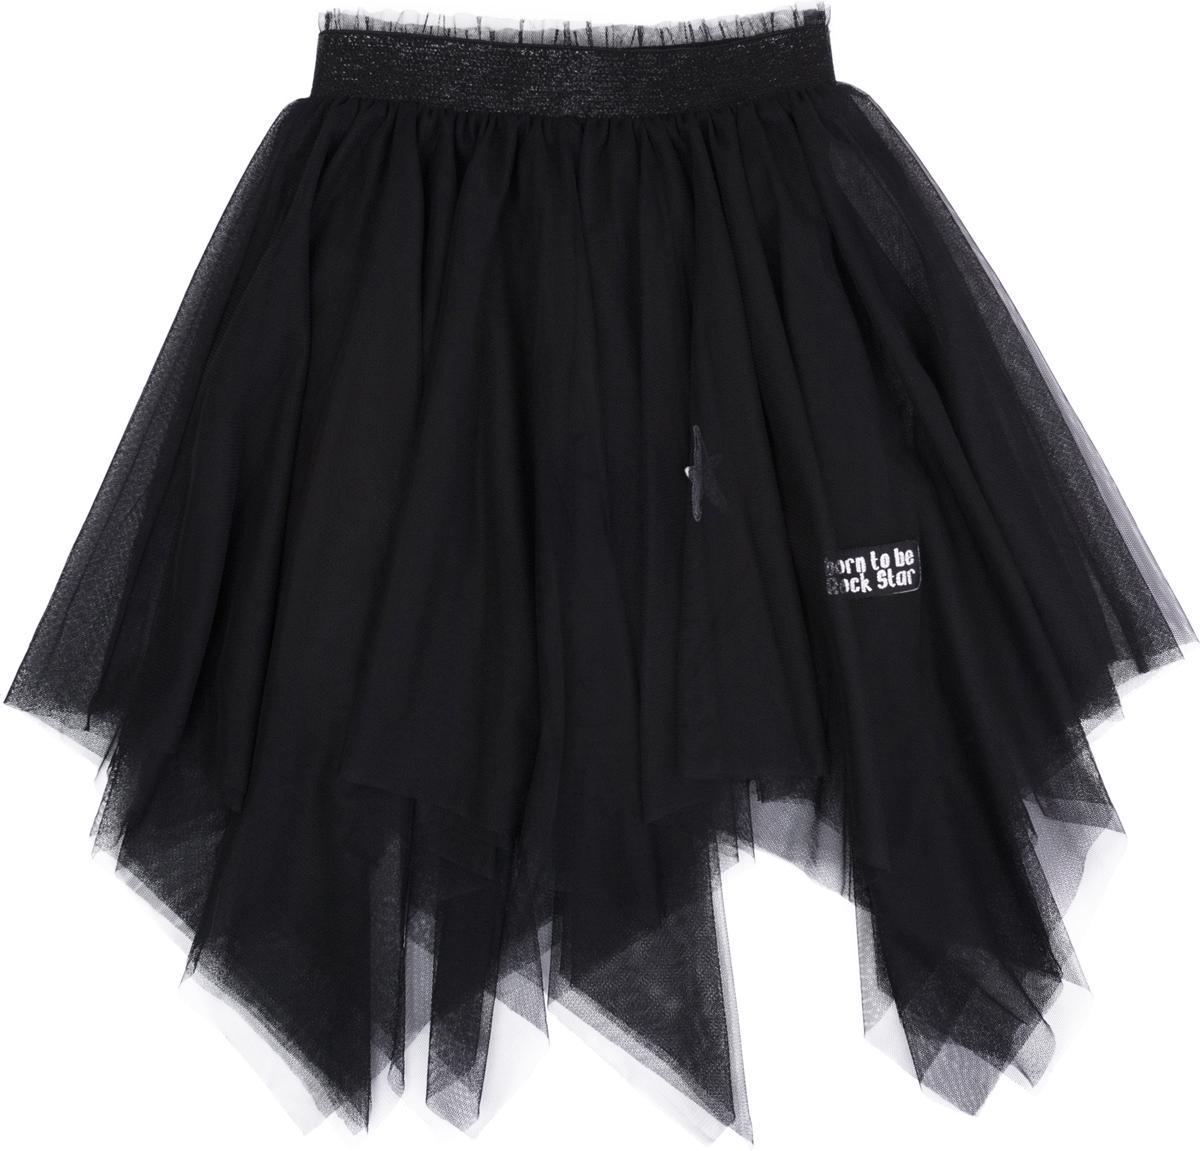 Юбка для девочки PlayToday, цвет: черный. 182012. Размер 110182012Пышная многослойная юбка. Нижяя - из натурального хлопка. Верхняя - из легкой сетчатой ткани. В качестве декора использованы аппликации. Пояс на широкой резинке с люрексом.